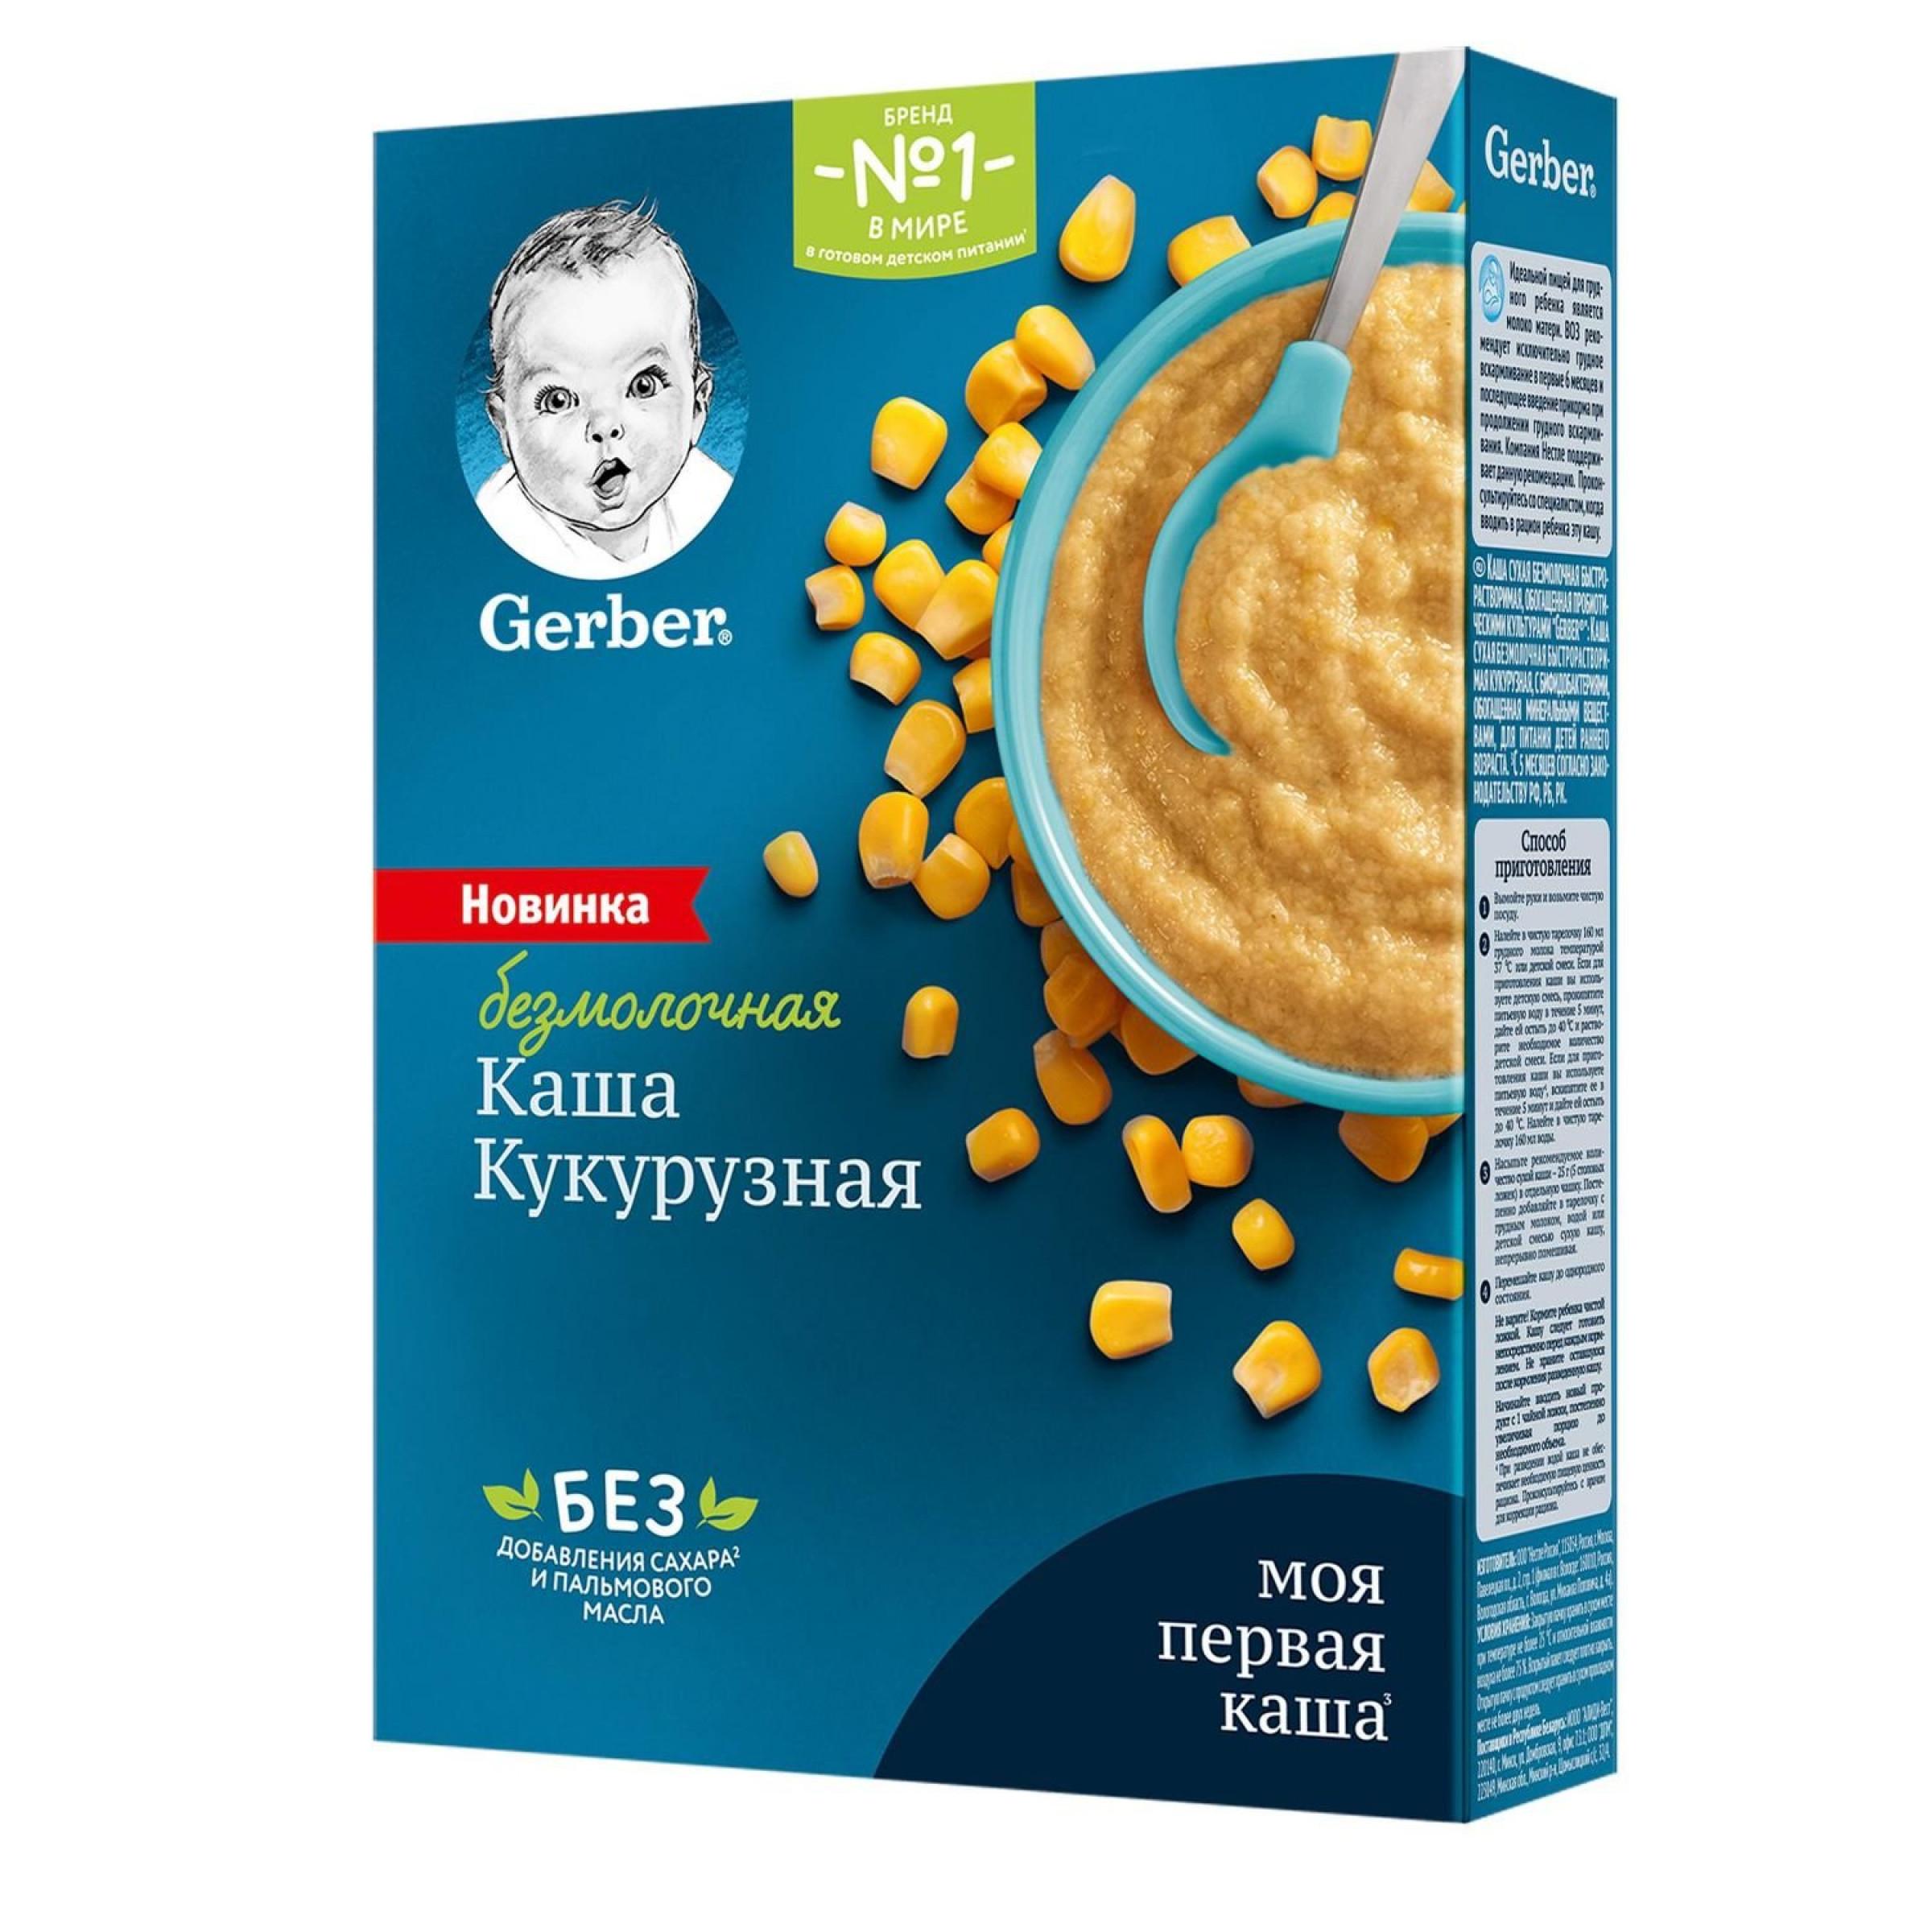 """Каша """"Gerber"""" Кукурузная безмолочная от 5-ти месяцев, 180 г"""